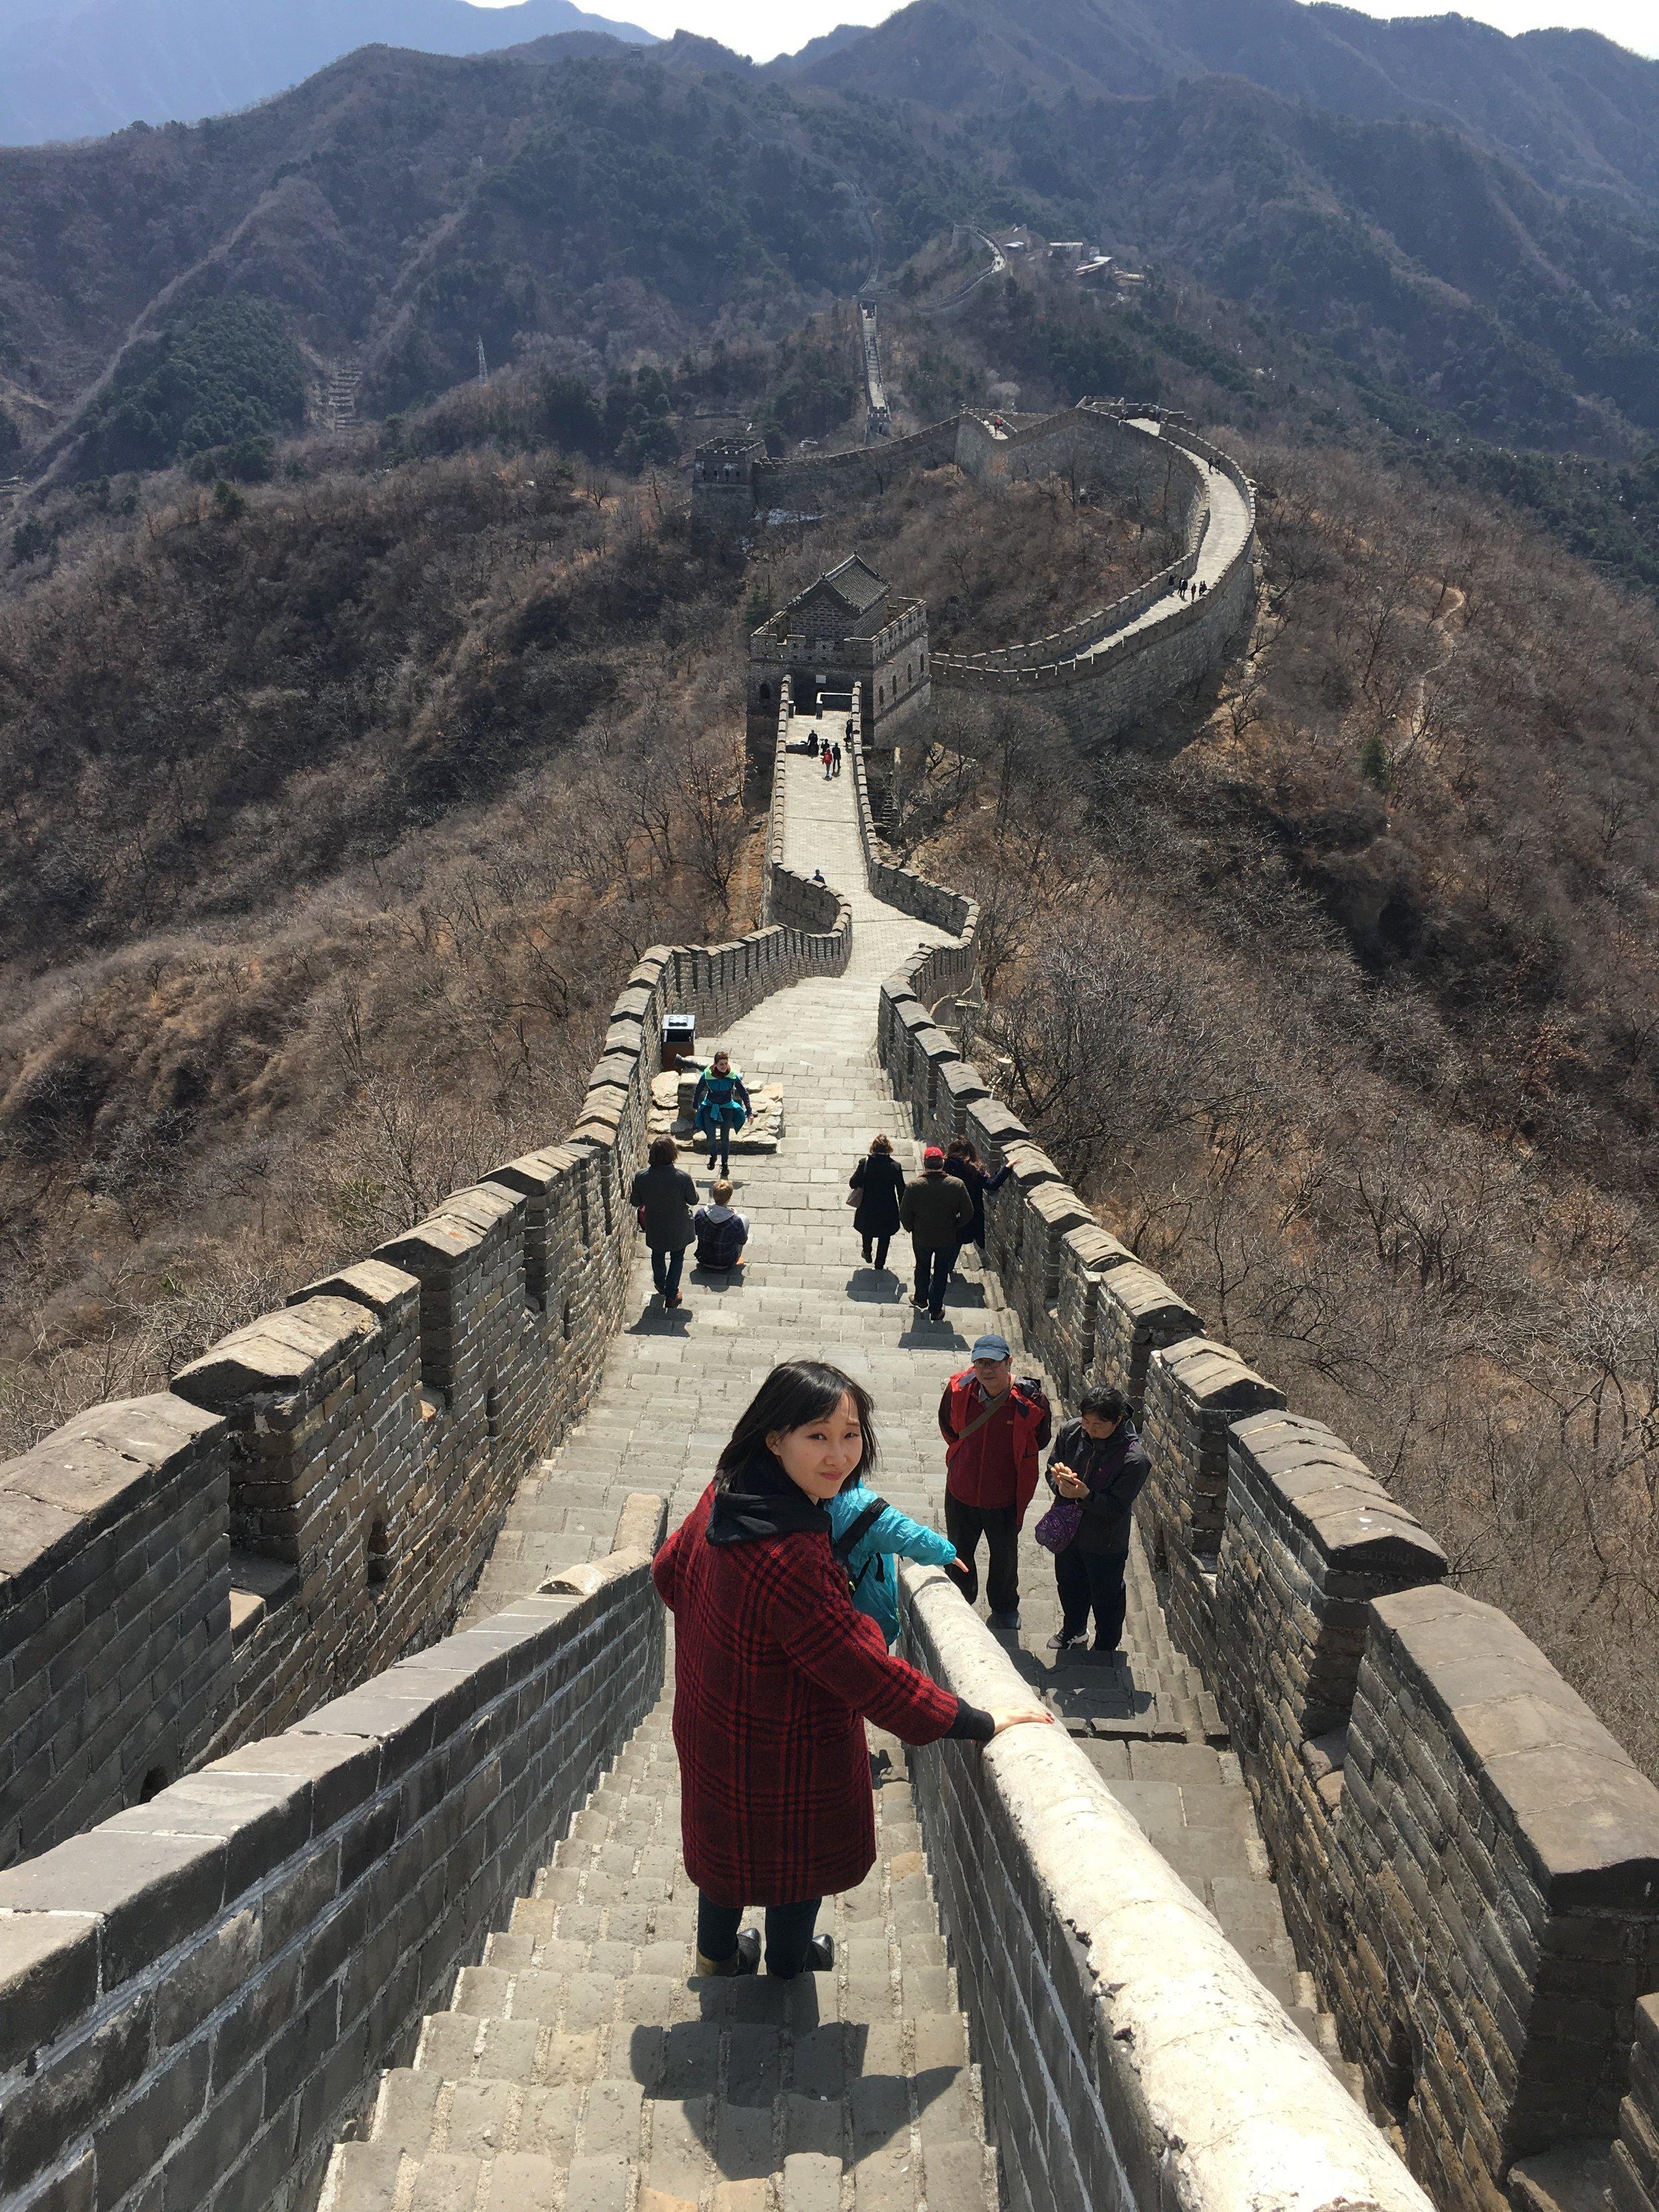 Our guide Yuan Zheng